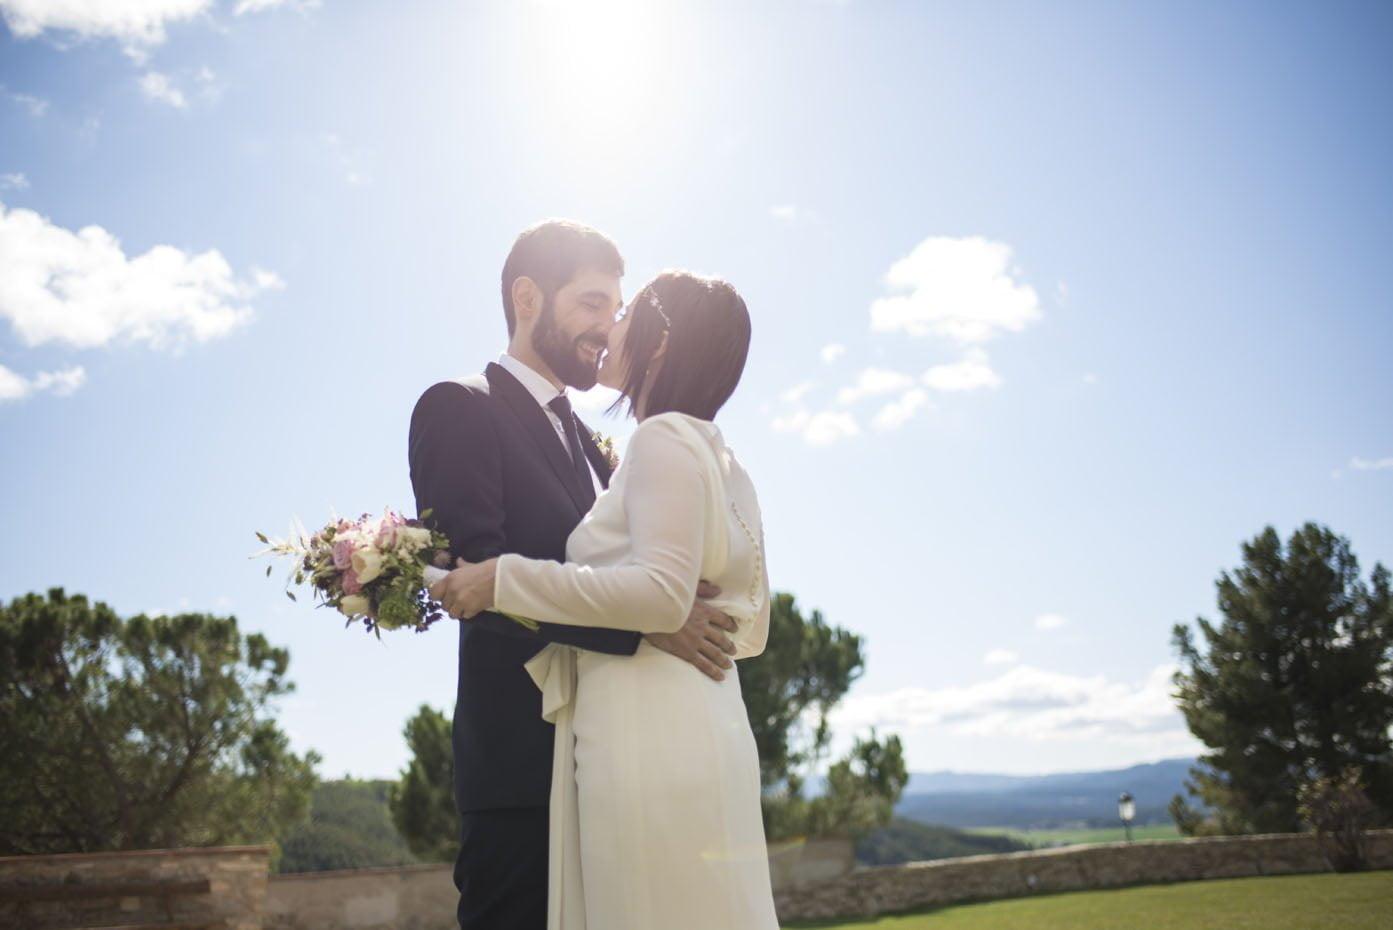 Casaments-ca-nalzina-espai-gastronomia5